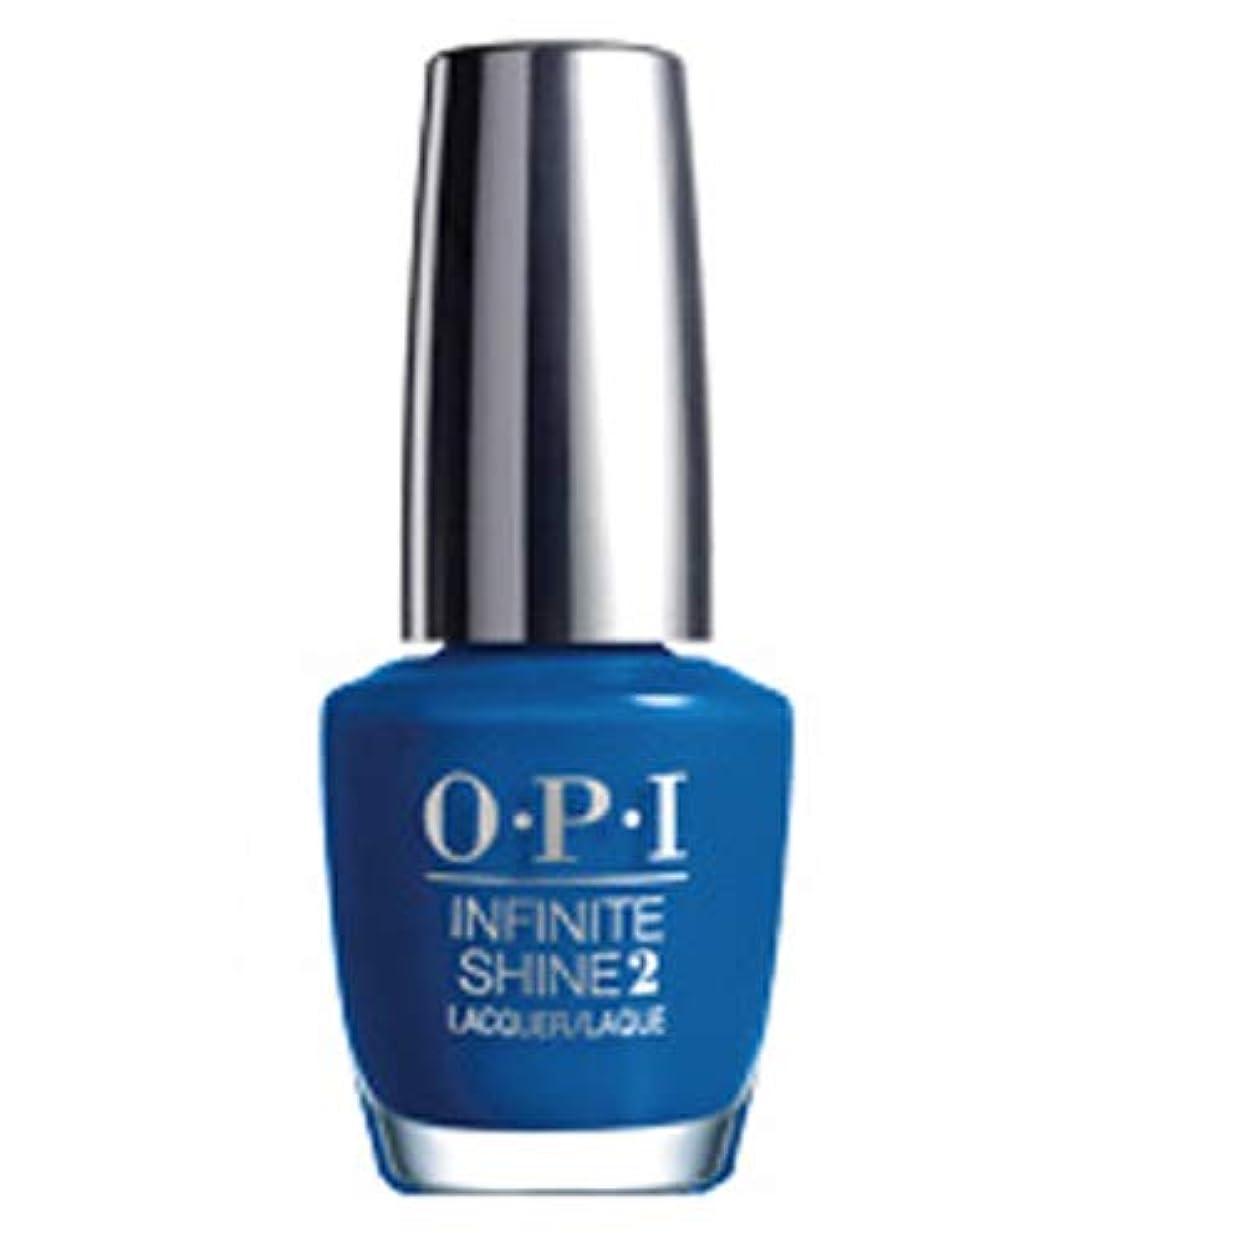 OPI Products(オーピーアイ) ネイルラッカー マニキュア